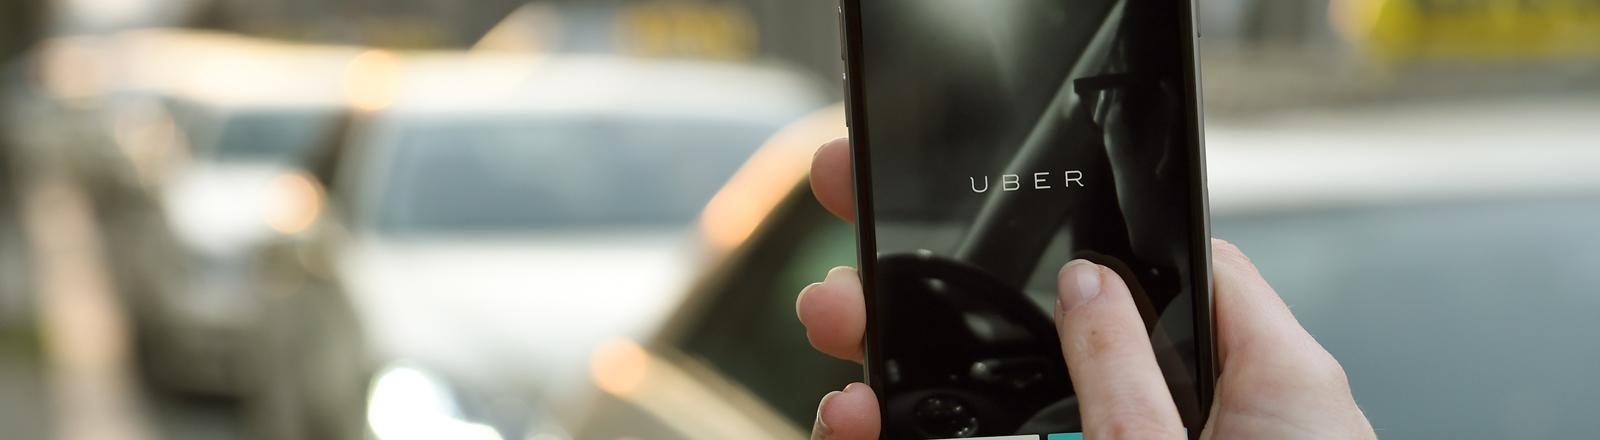 """Auf Display eines iphone 6 ist 20.03.2015 die Startseite der Apps """"Uber"""" vor einem Taxi-Stand zu sehen. """"Uber"""" ist ein Online-Vermittlungsdienst zur Personenbeförderung (z.B. Taxi)."""